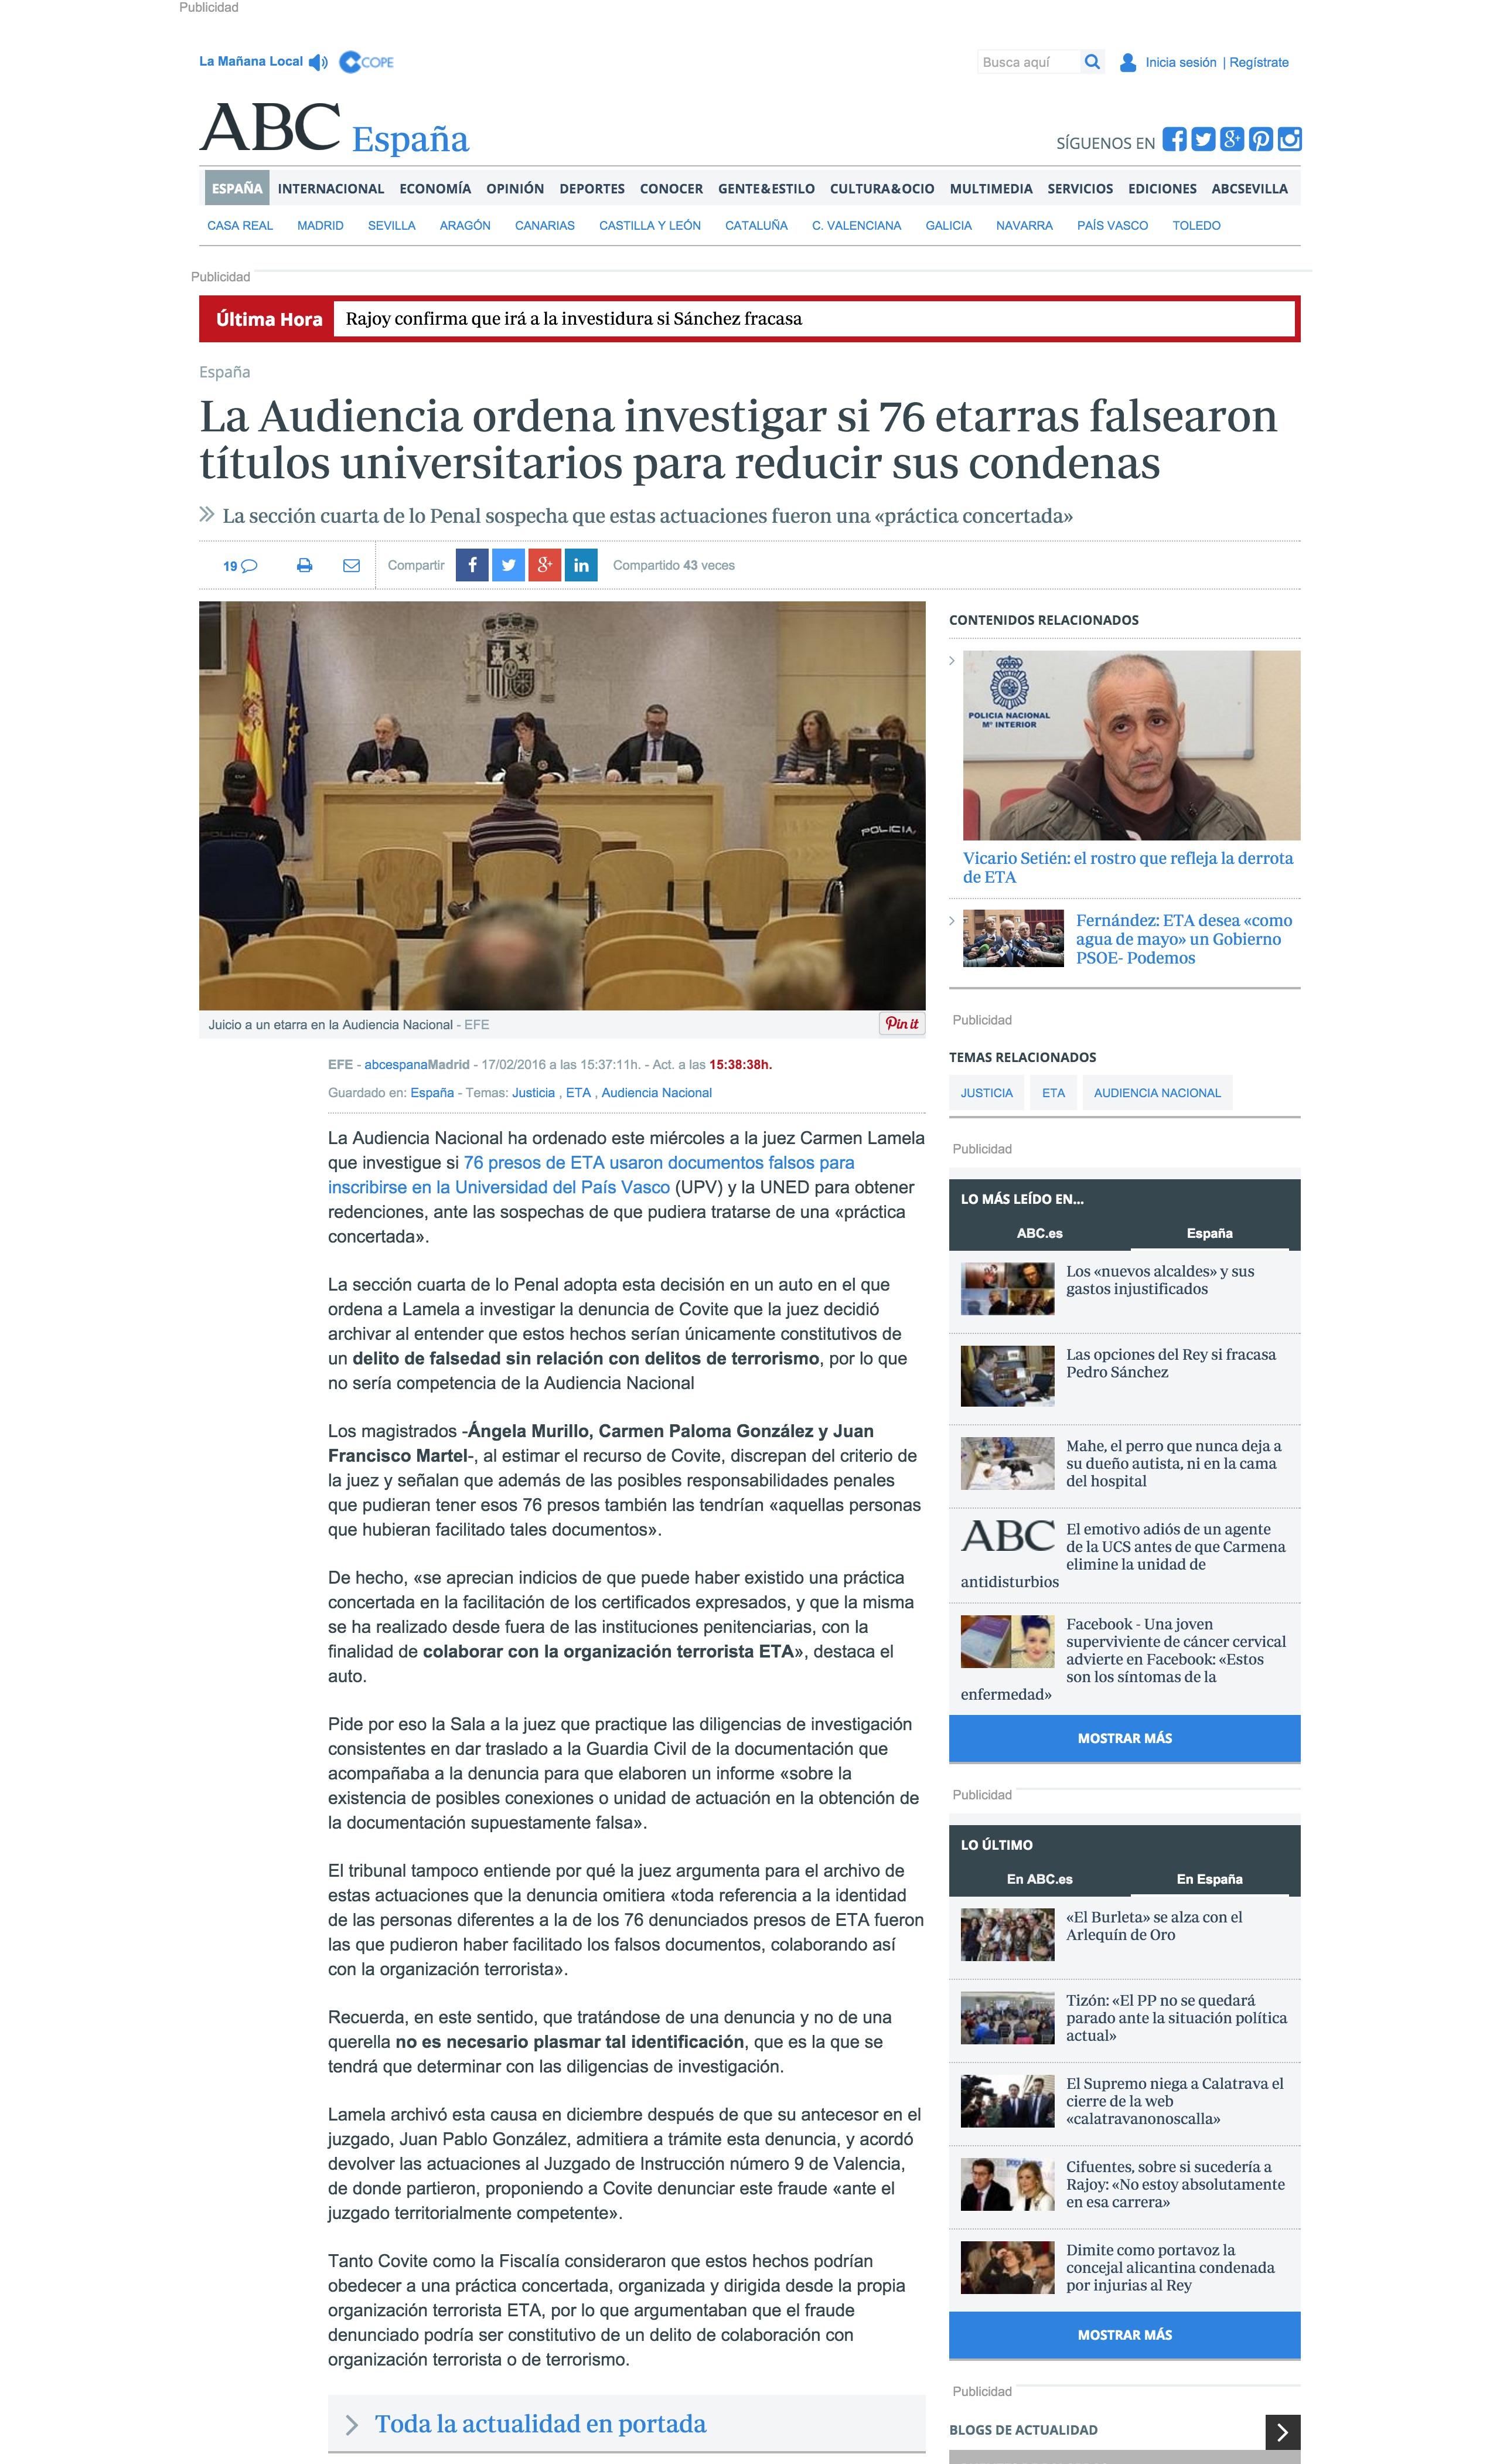 screencapture-www-abc-es-espana-abci-audiencia-ordena-investigar-si-76-etarras-falsearon-titulos-universitarios-para-reducir-condenas-201602171537_noticia-html-1456142960543